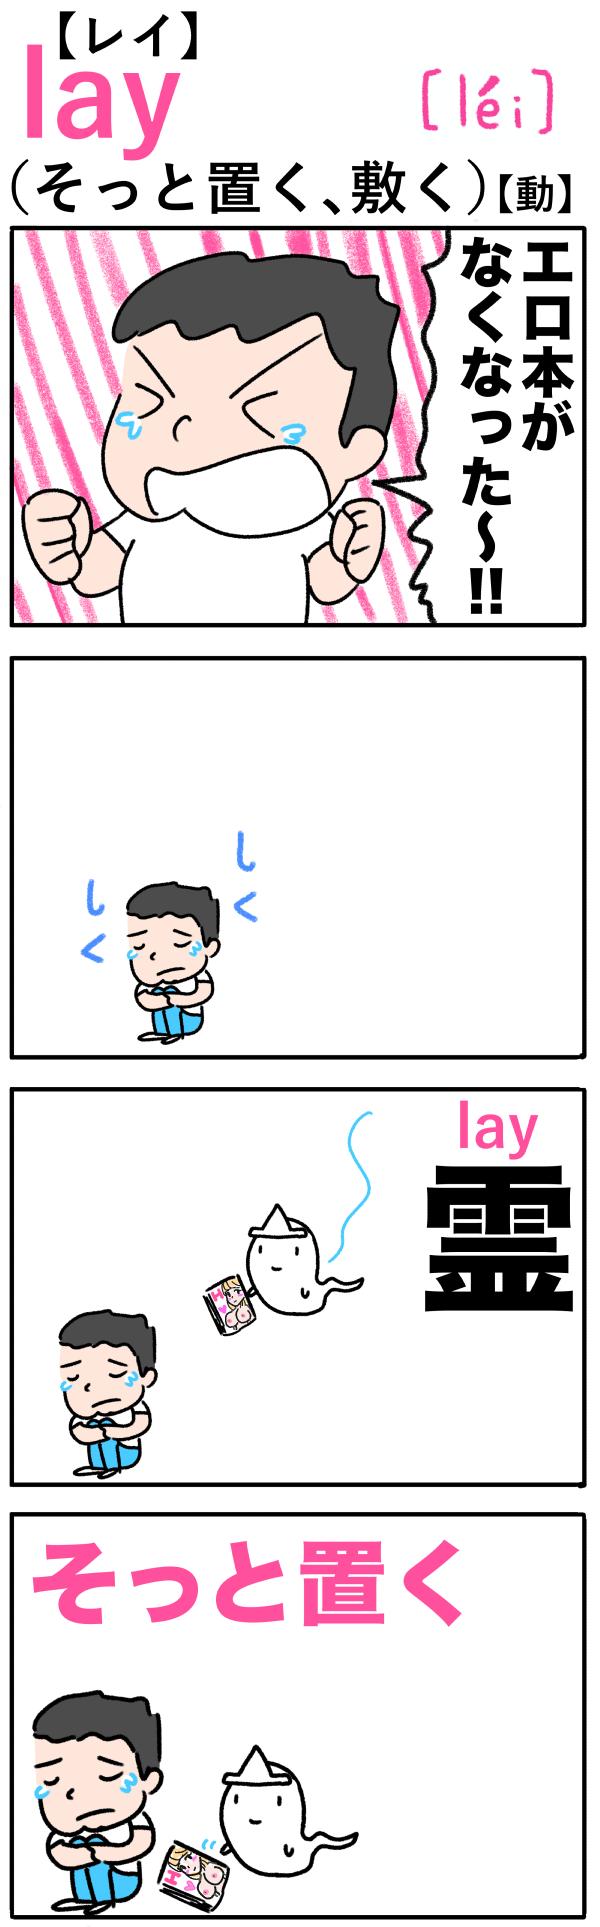 lay(そっと置く)の語呂合わせ英単語